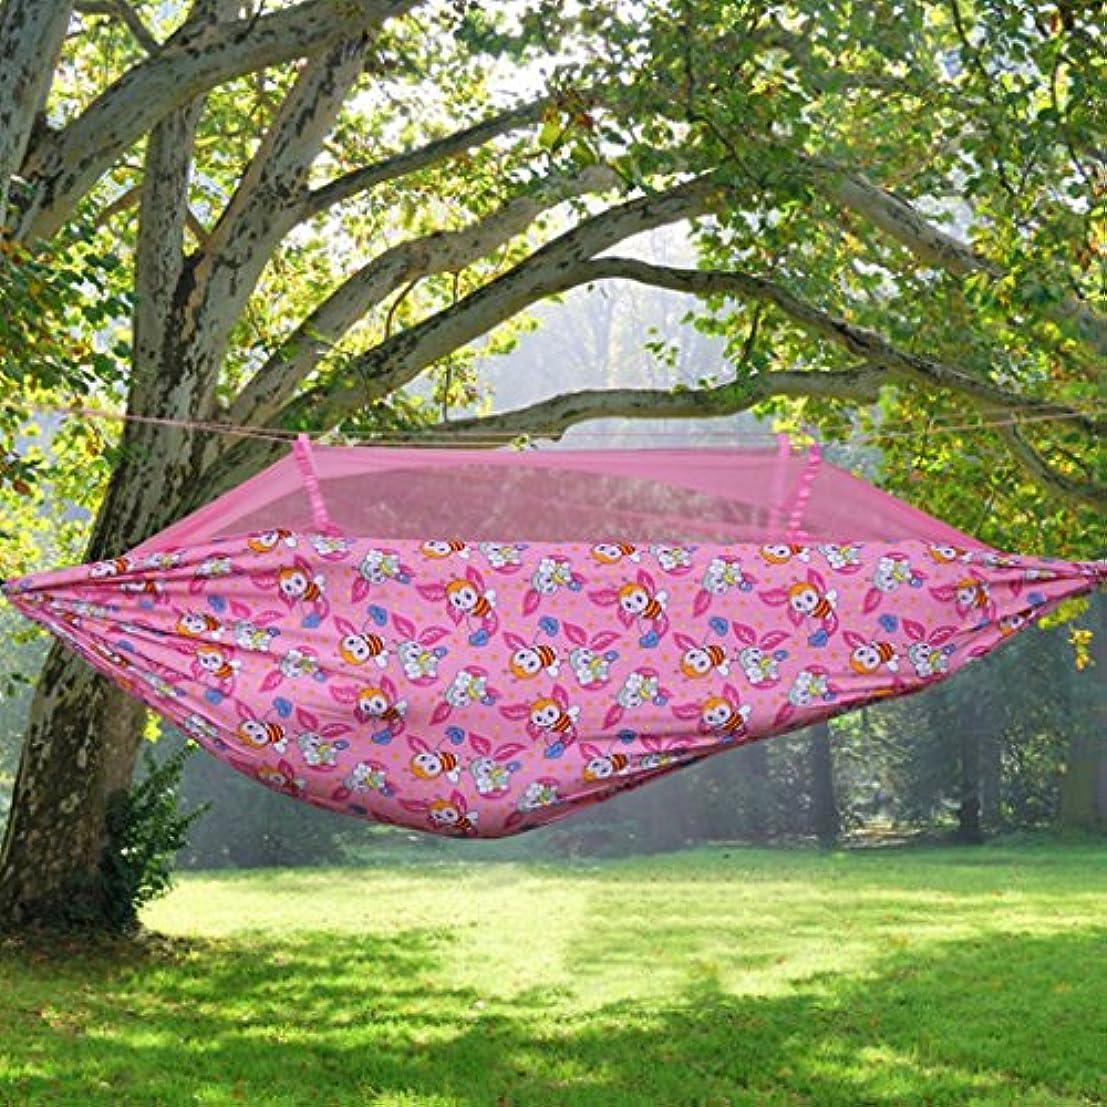 もし肥満ばかげているハンモック キャンバスハンモックと蚊帳屋外スイングカンチレバーリフトチェア (Color : Pink 2)